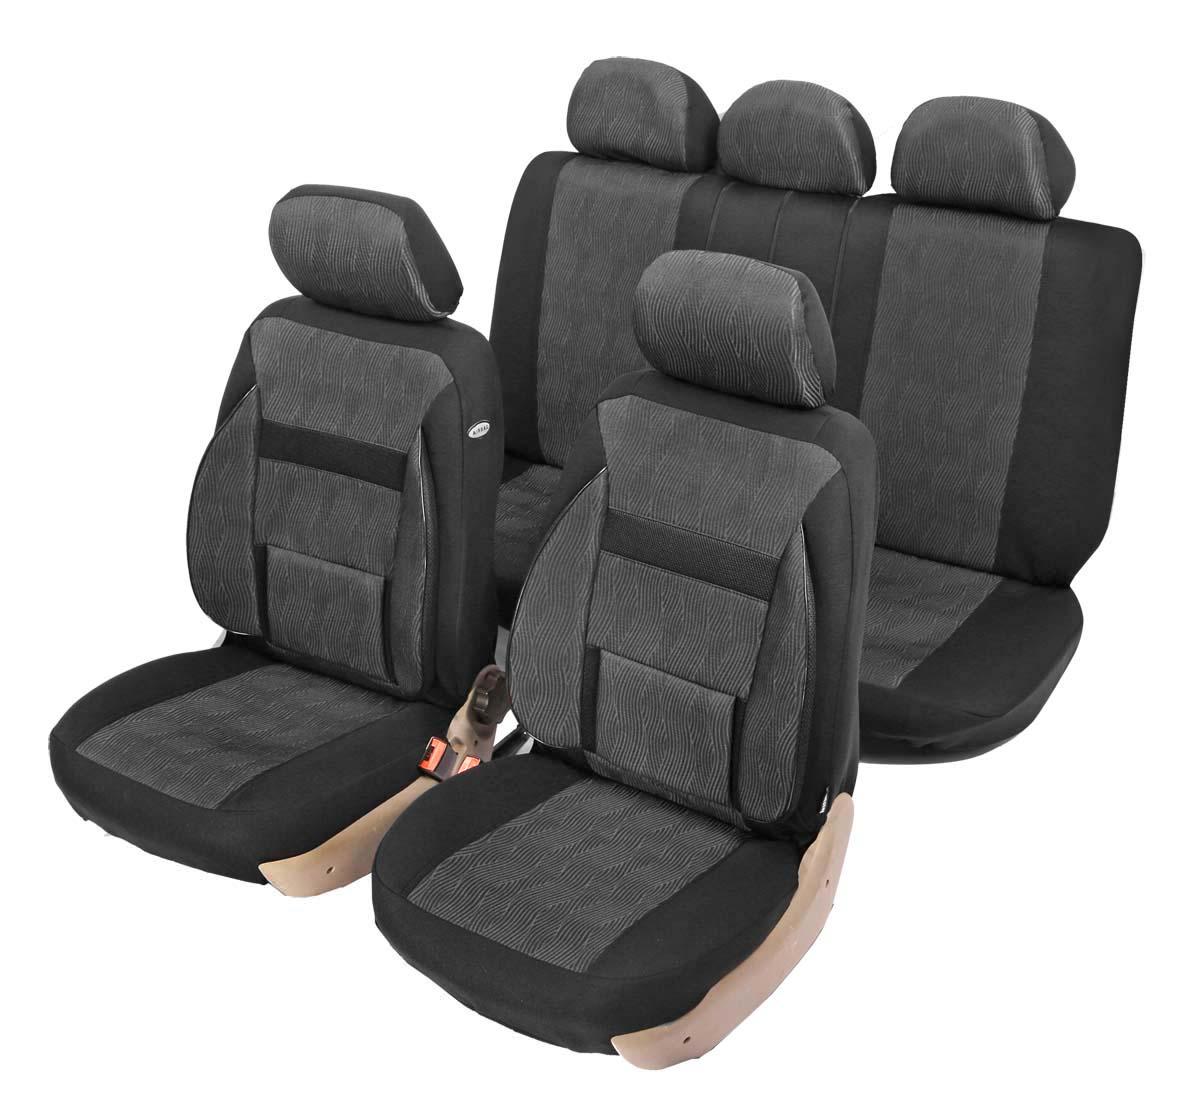 """Чехол на автомобильное кресло универсальный Senator """"NEW Nebraska"""", размер S, ортопед.поддержка 2 уровня, 11 предметов, карман, 6 молний,"""